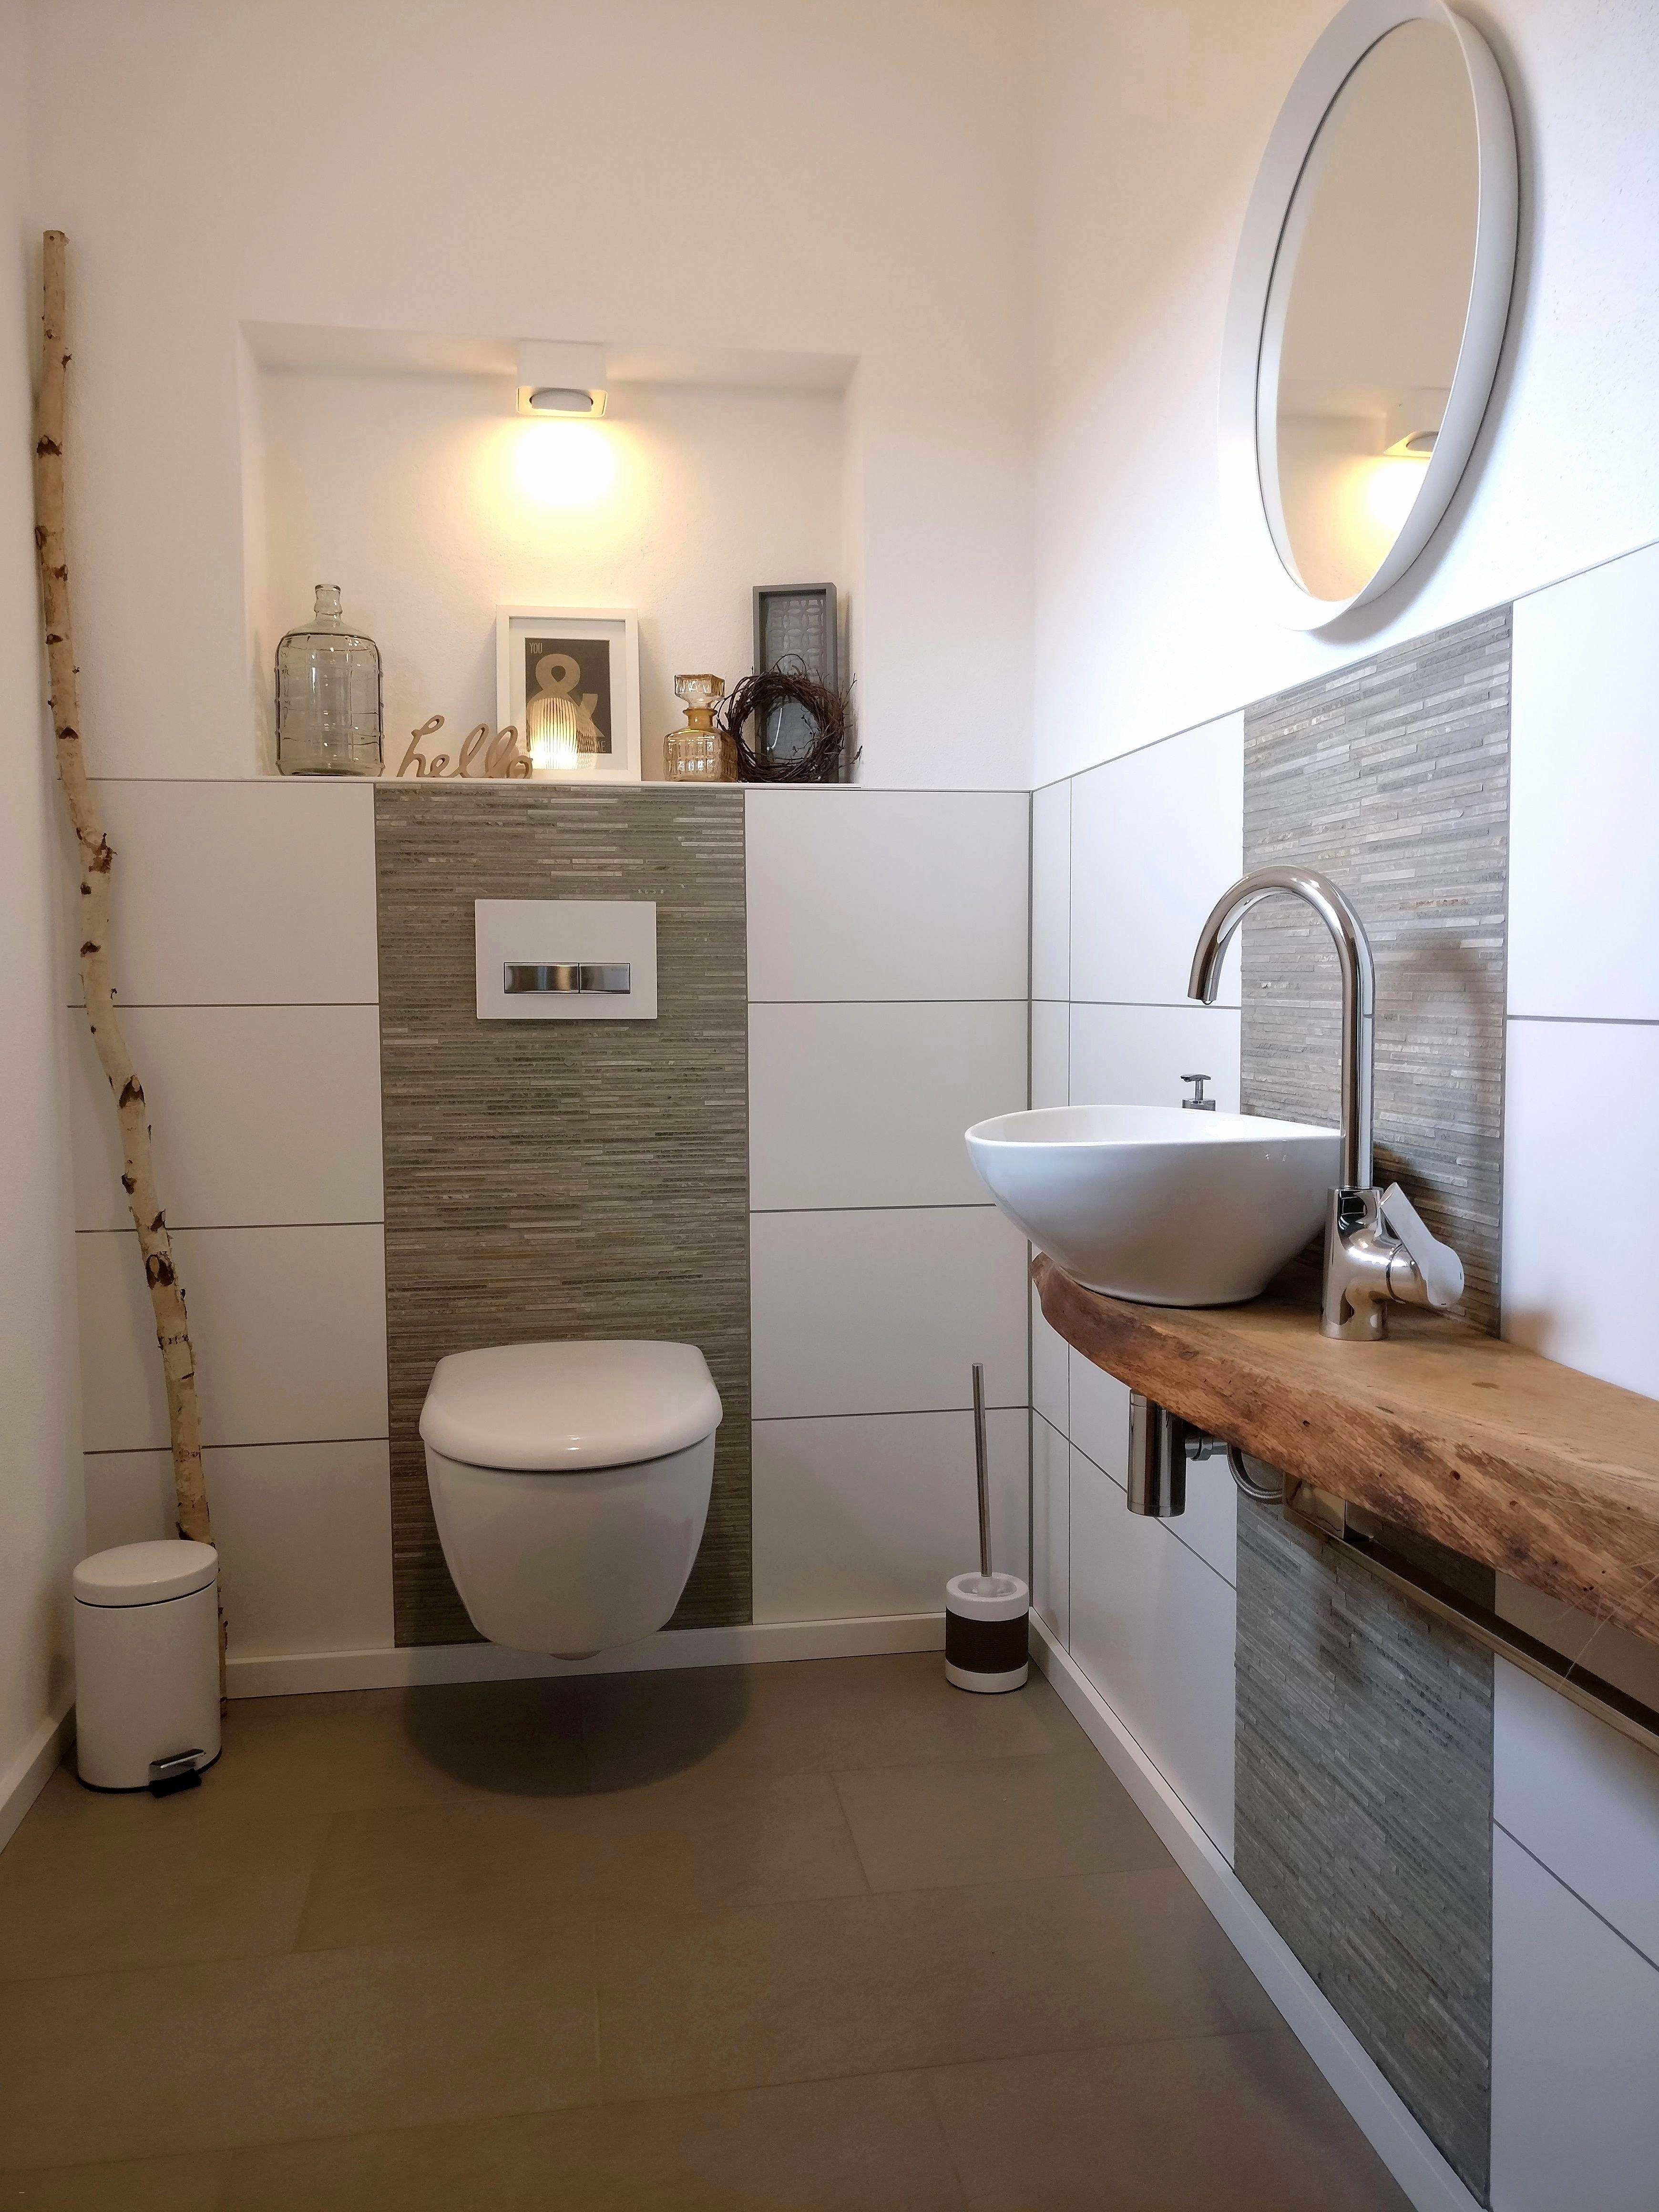 8 Badezimmer Dusche Ideen Genial Sichtschutz Dusche Grafik Eintagamsee 8 Badezimmer Dusc Kleine Gaste Wc Kleines Bad Fliesen Badezimmer Fliesen Ideen Bilder